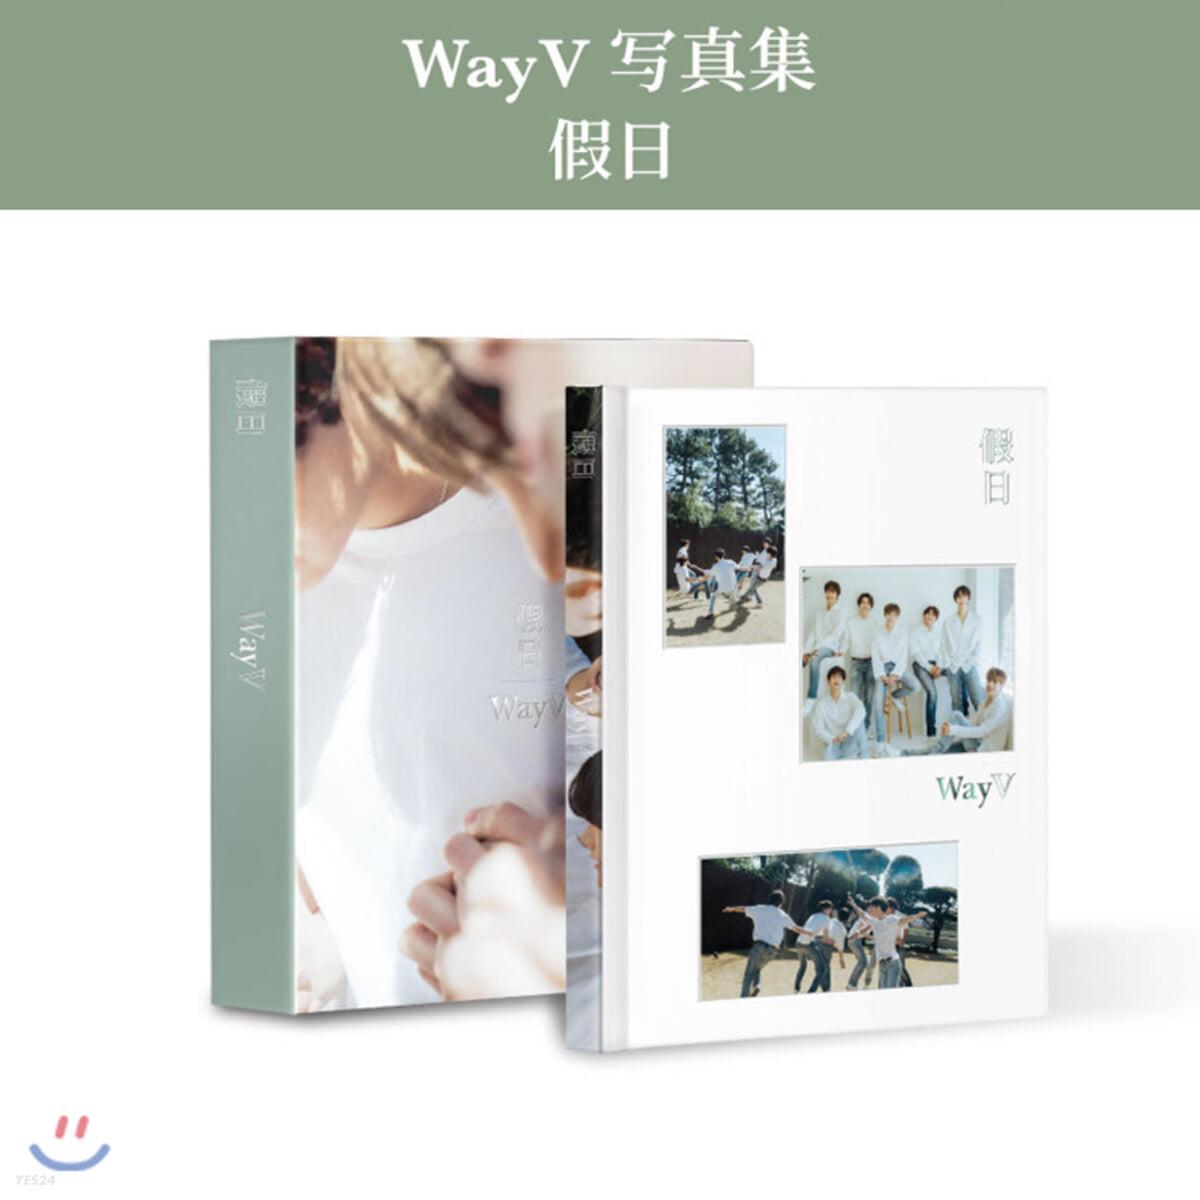 [중국판] WayV 웨이션V 사진집 : 휴일 (양양 ver.)